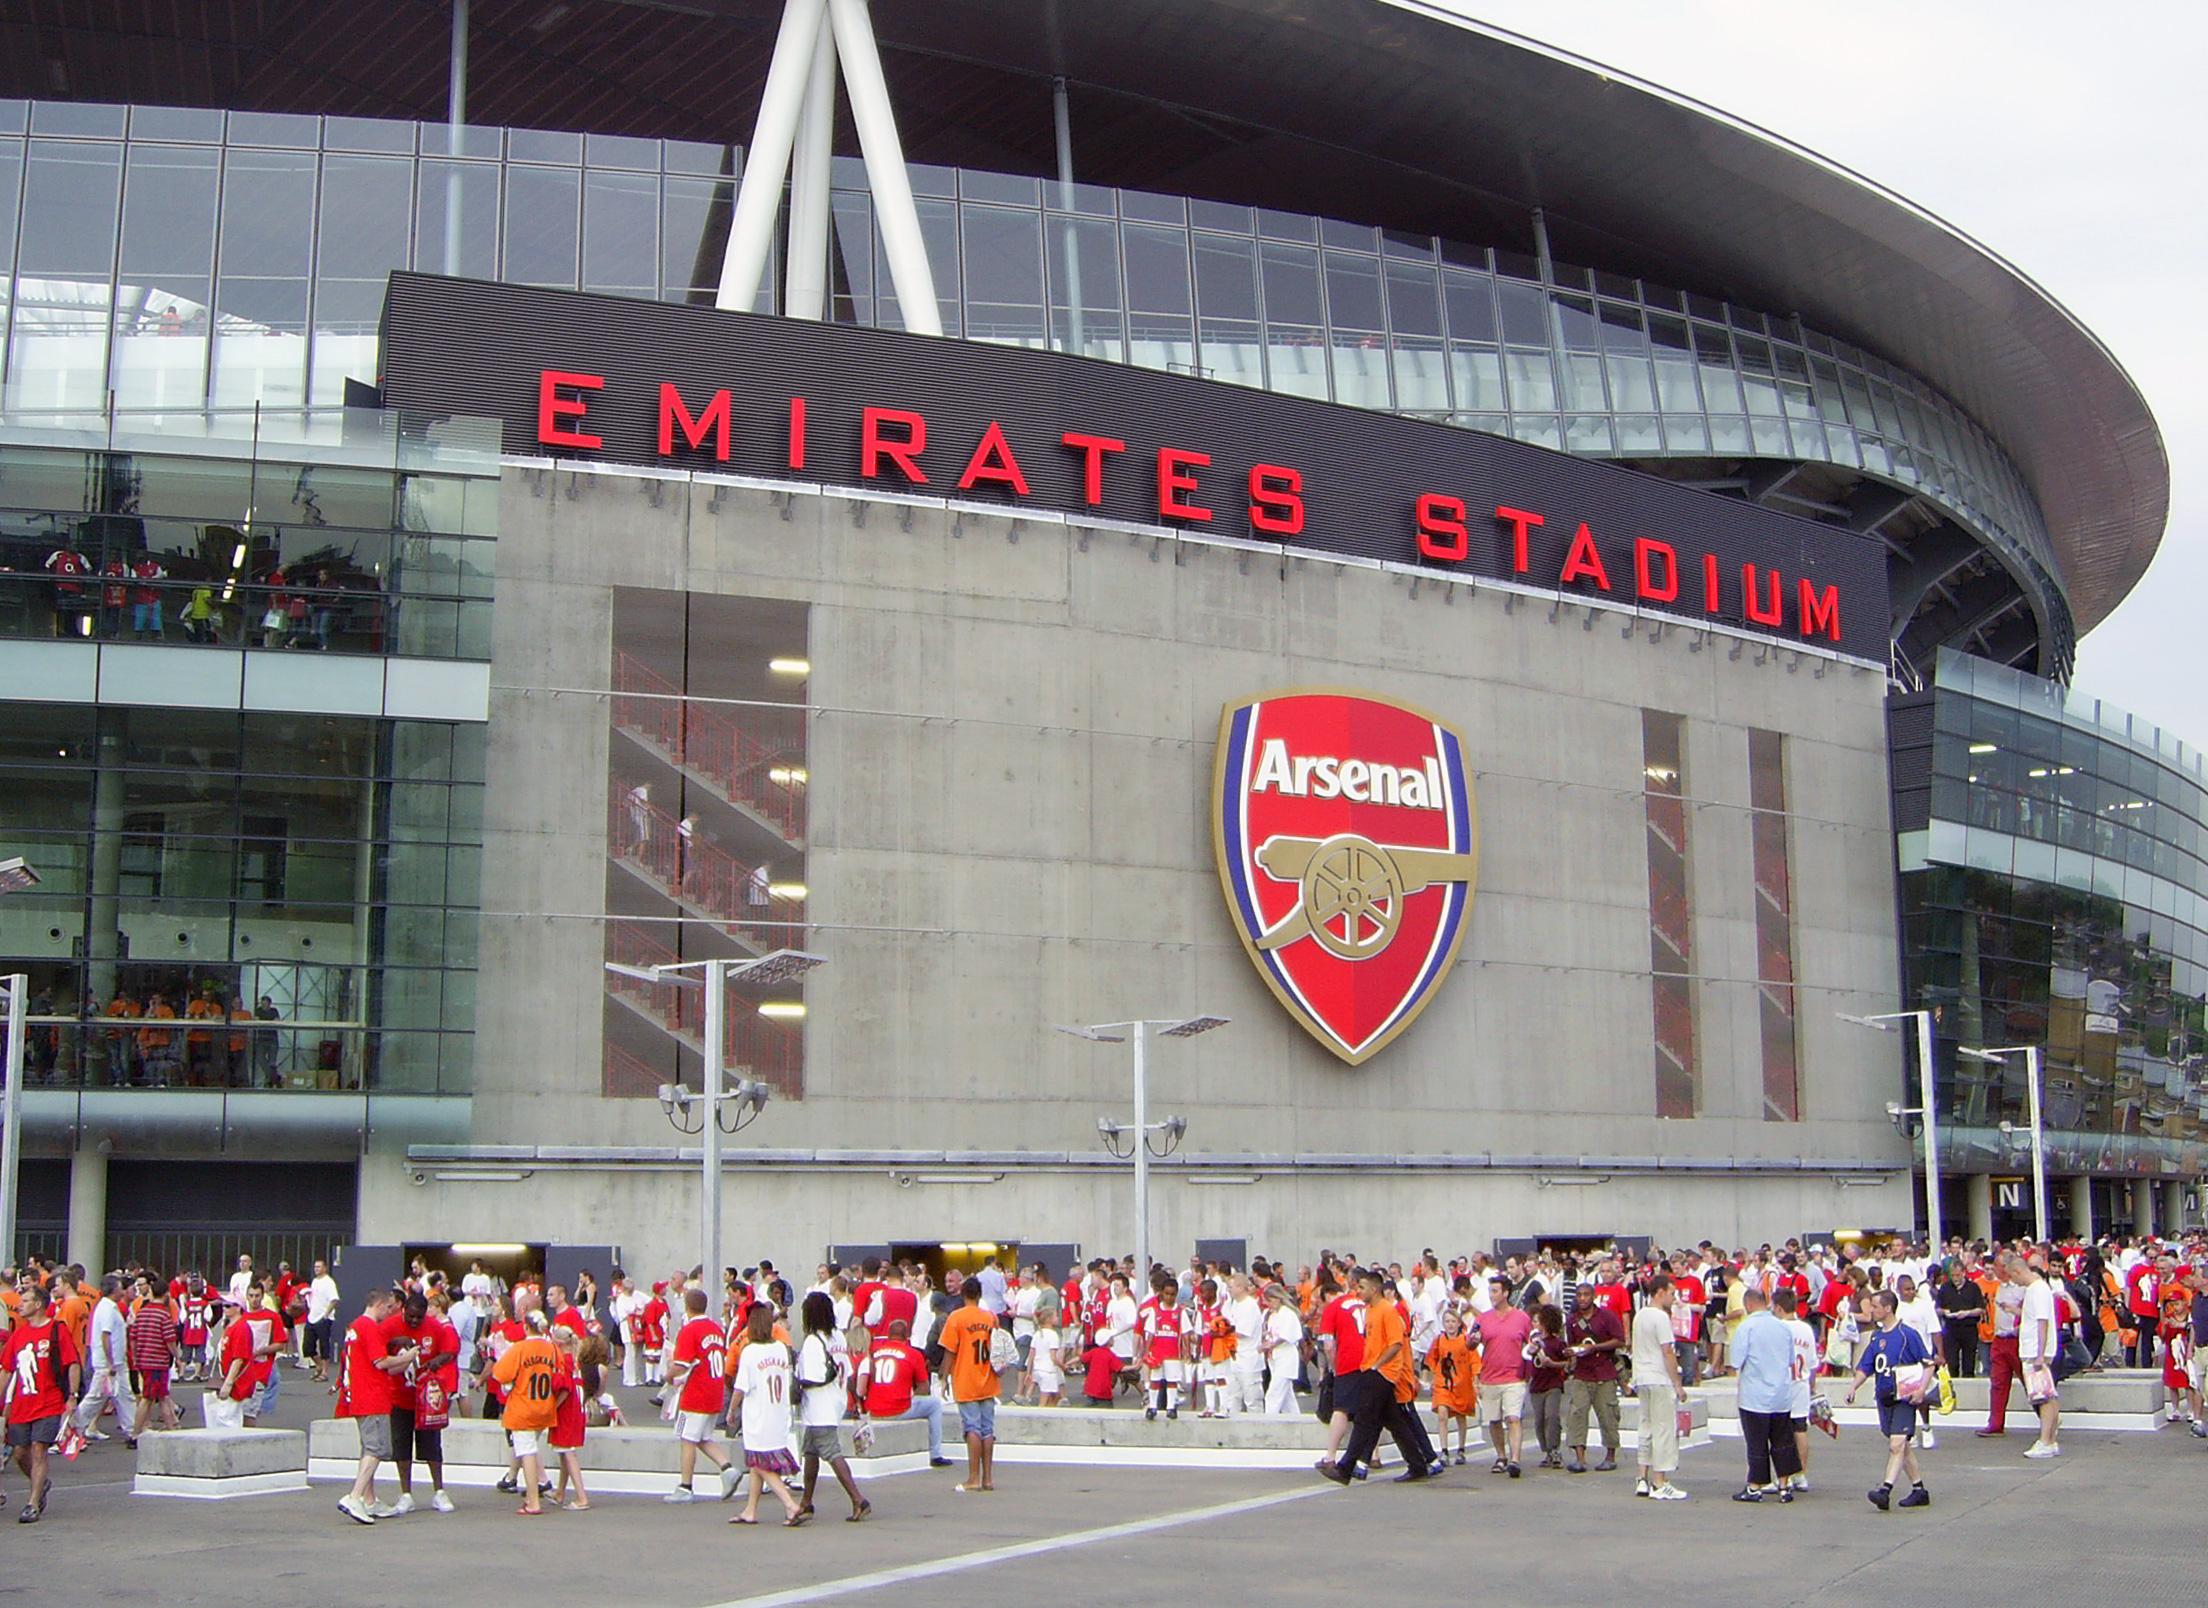 El Emirates Stadium es uno de los estadios más modernos de Inglaterra y cuenta con una capacidad de 60 mil asientos.